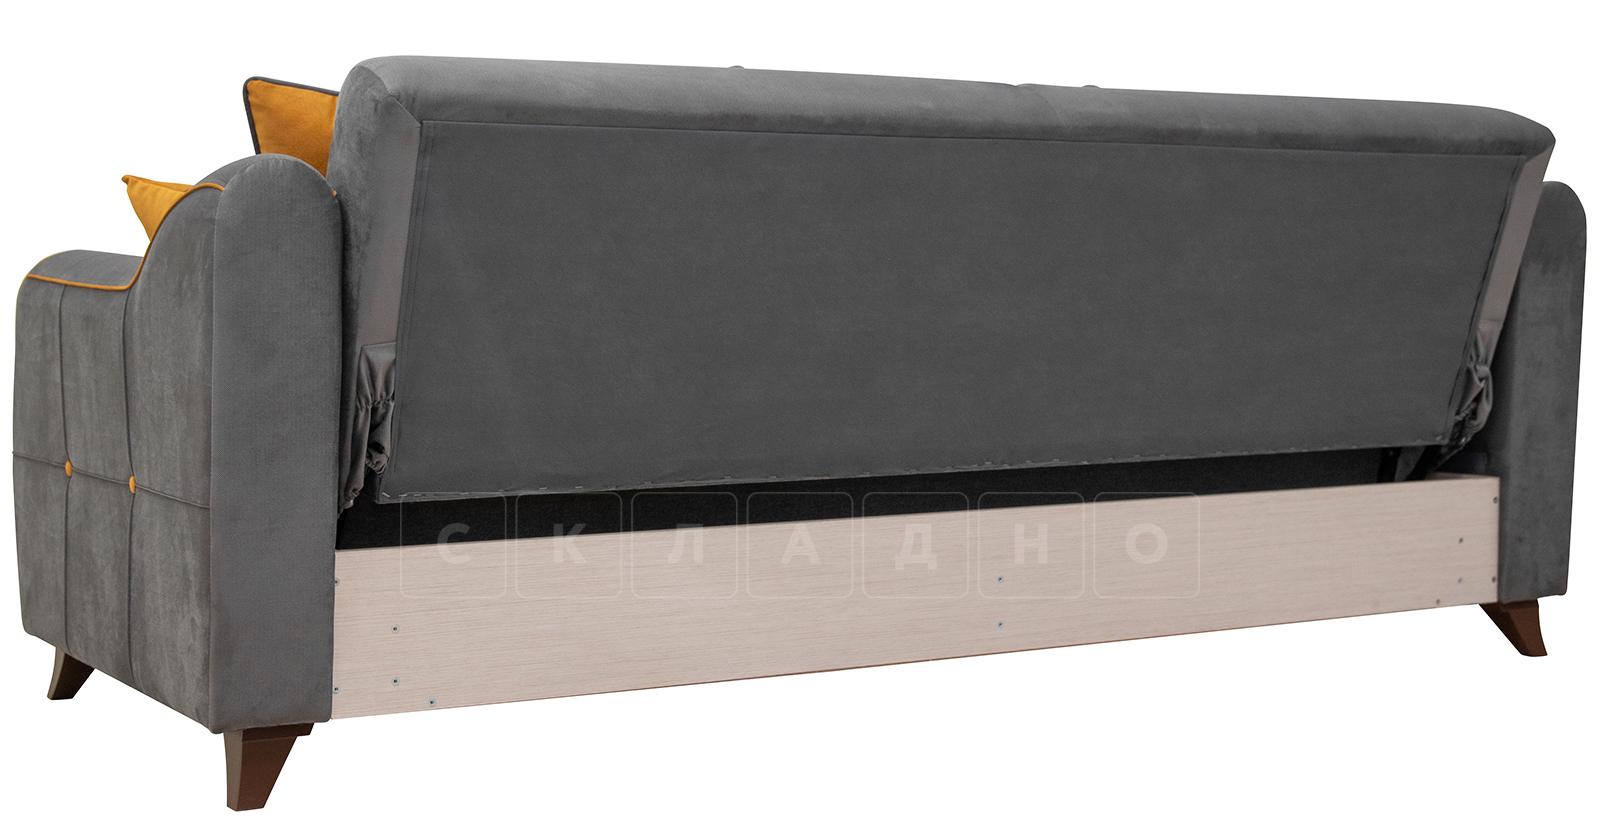 Диван-кровать Флэтфорд кварцевый серый фото 4 | интернет-магазин Складно